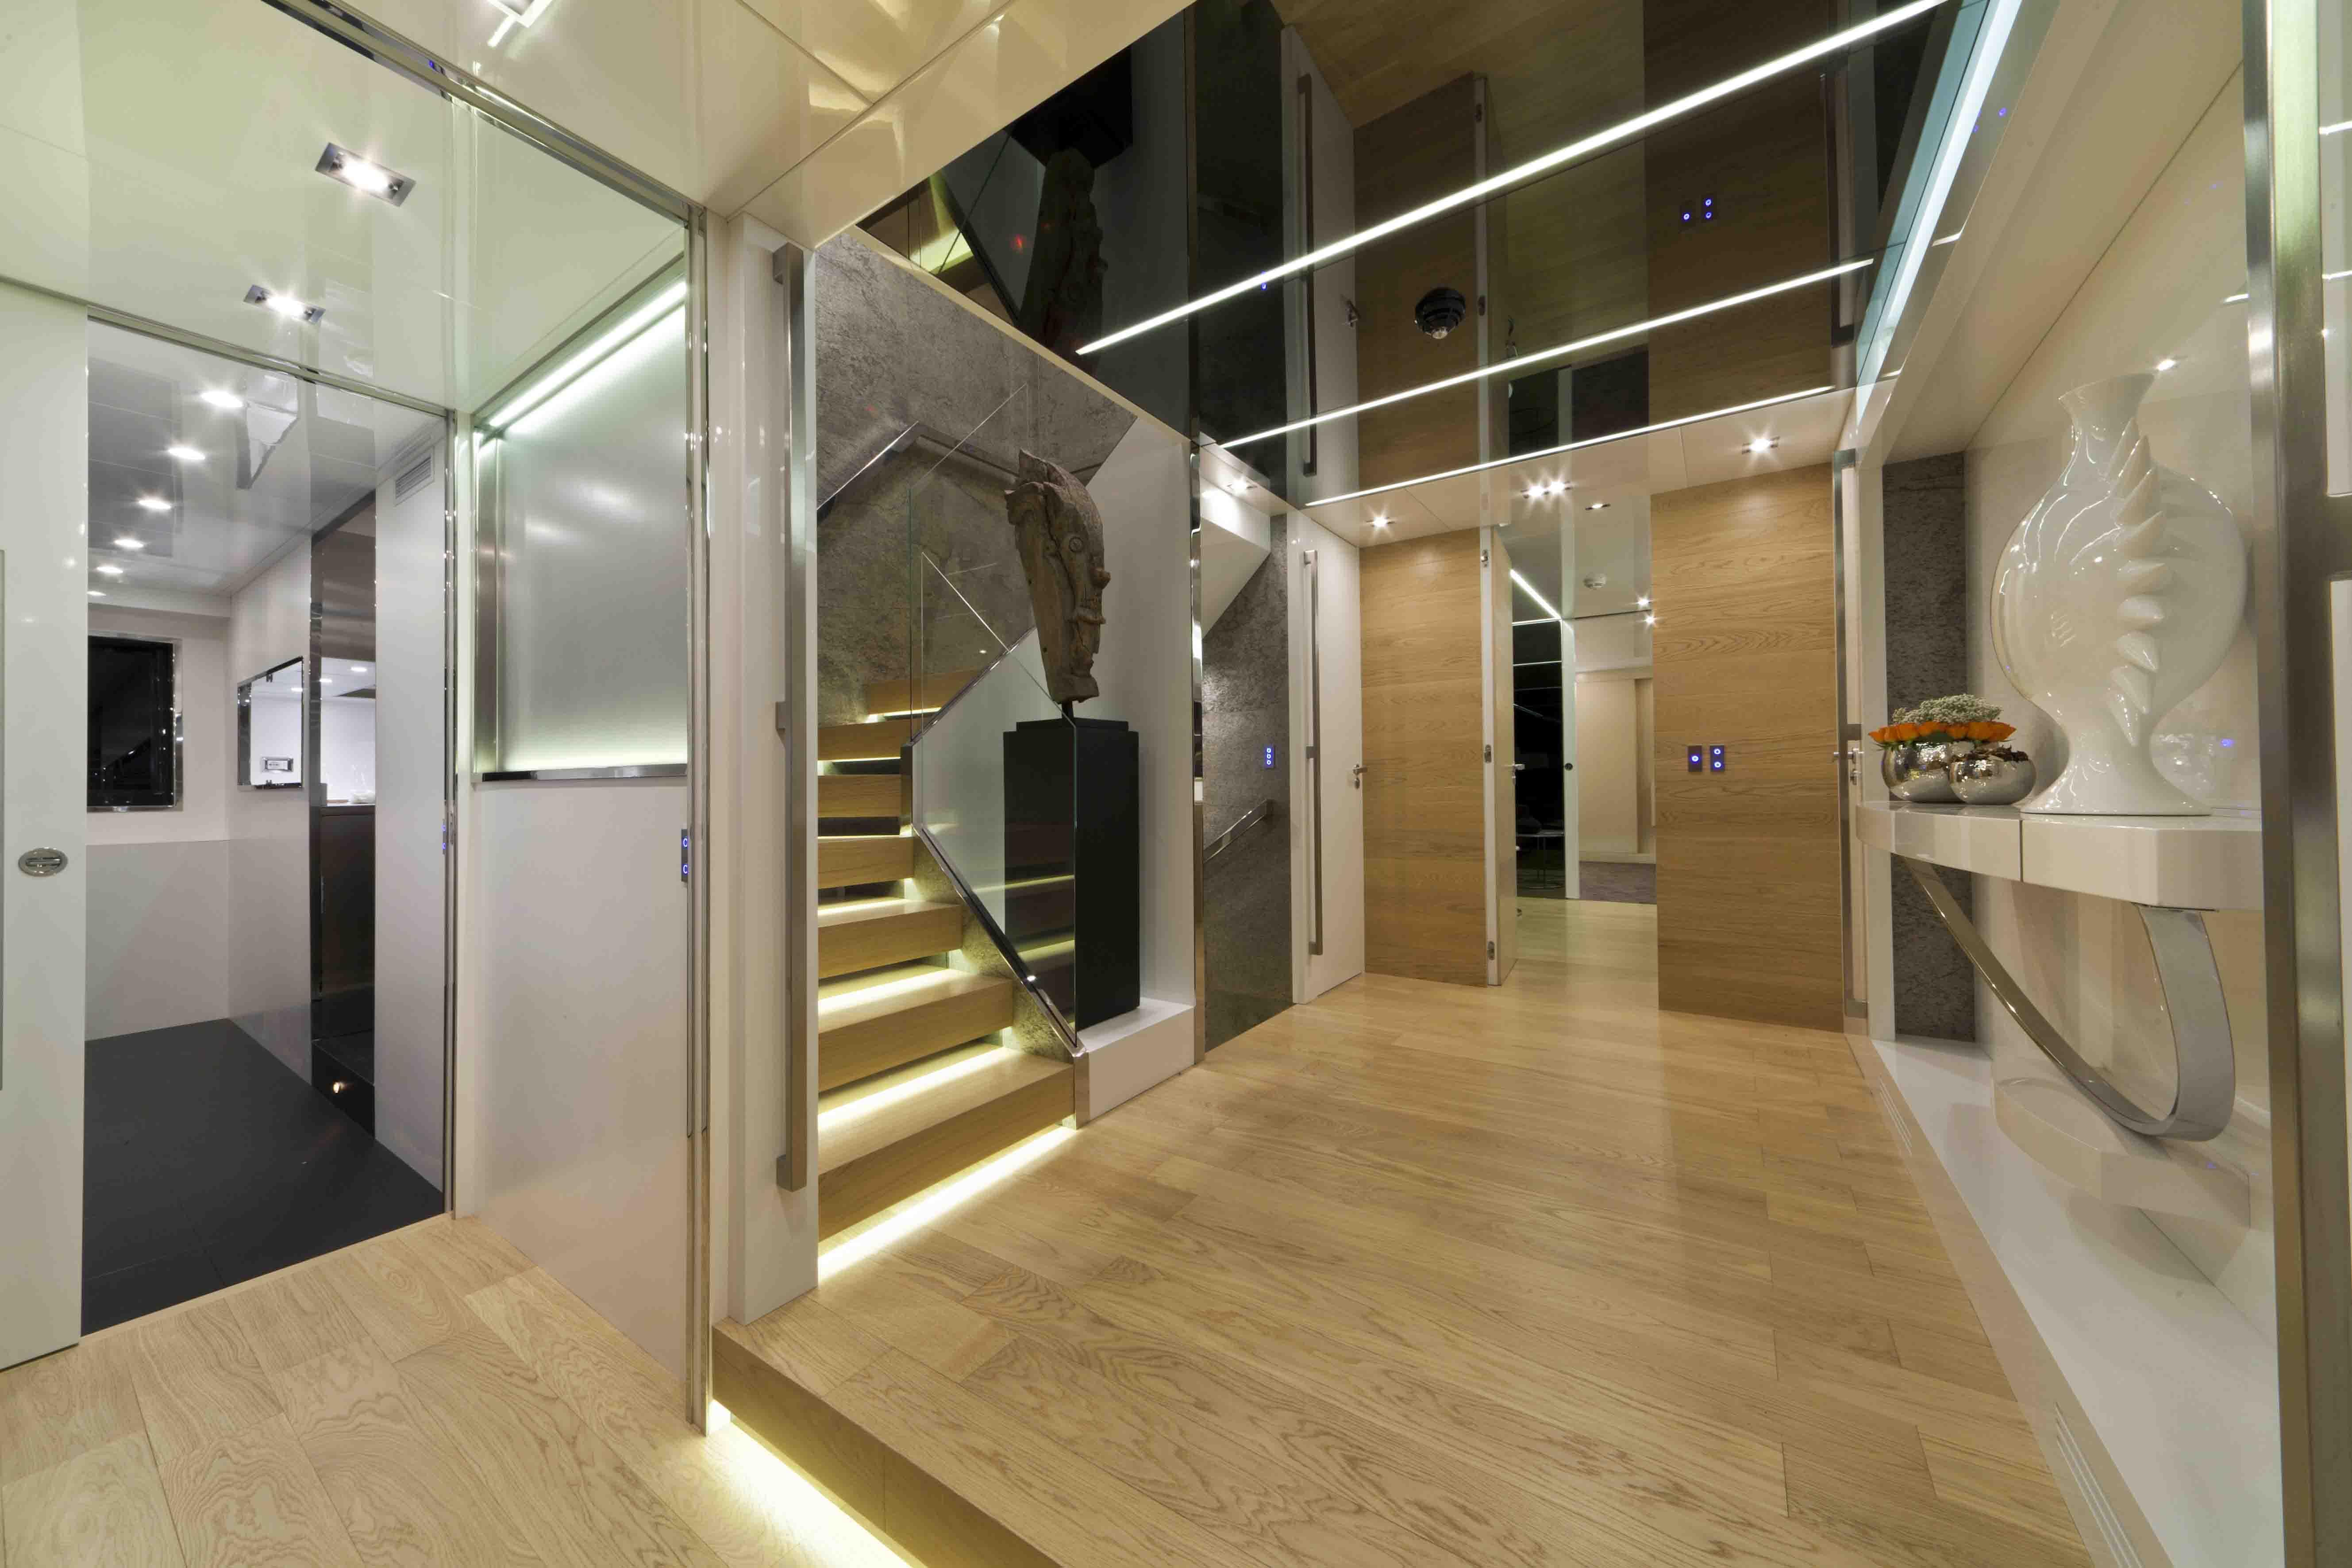 Elegante sala d'ingresso di uno yatch con scala al secondo piano